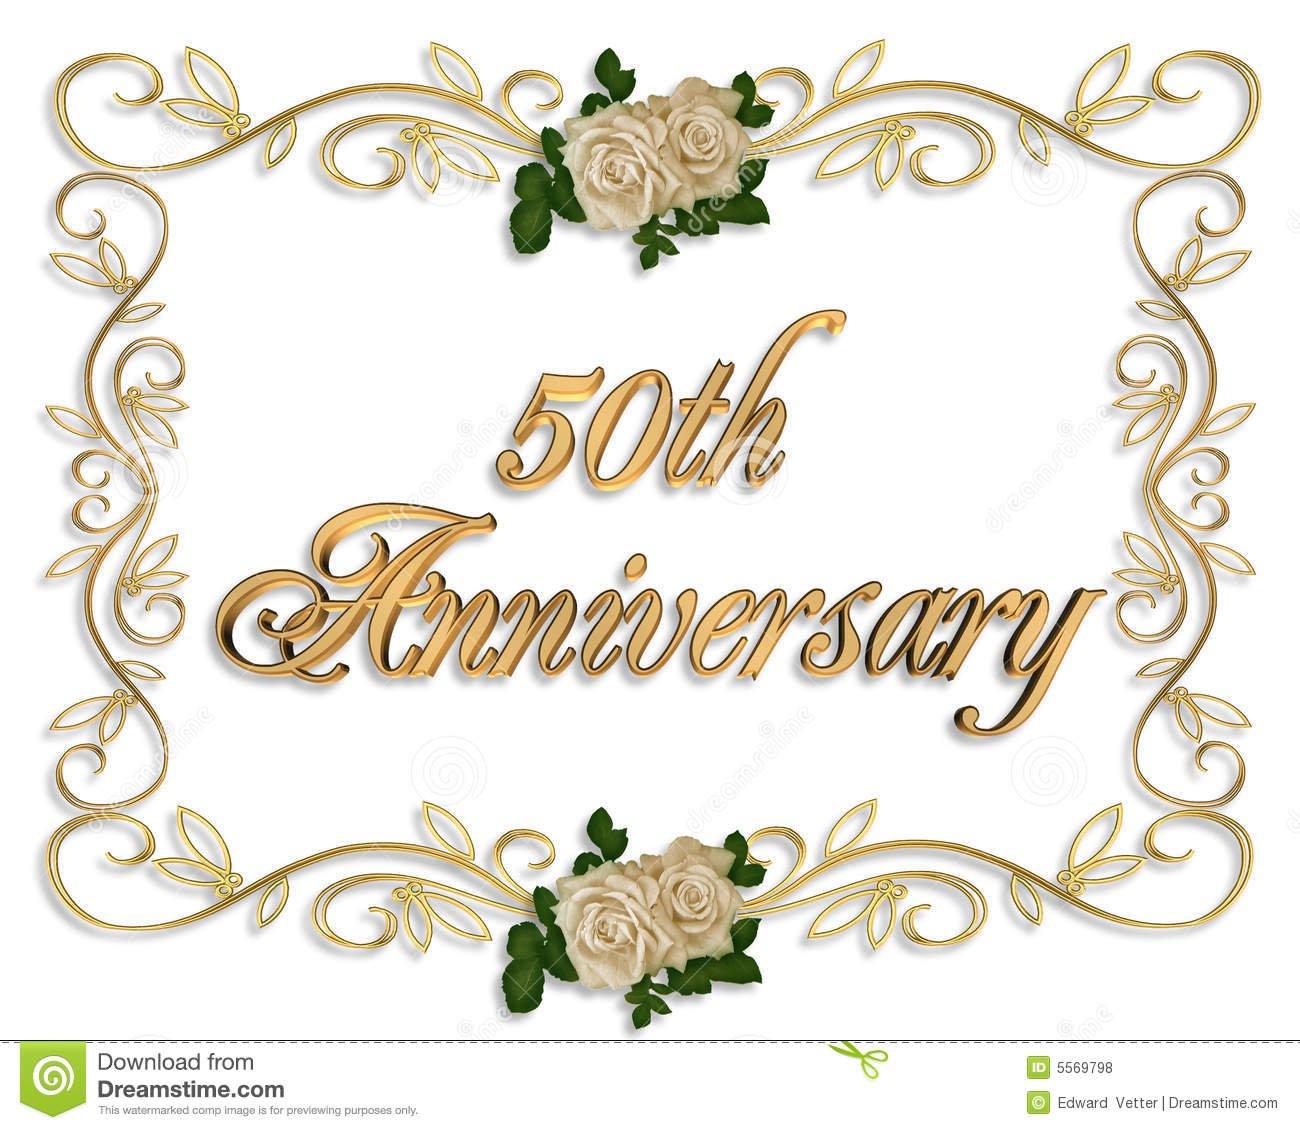 50th Anniversary Invitation Background